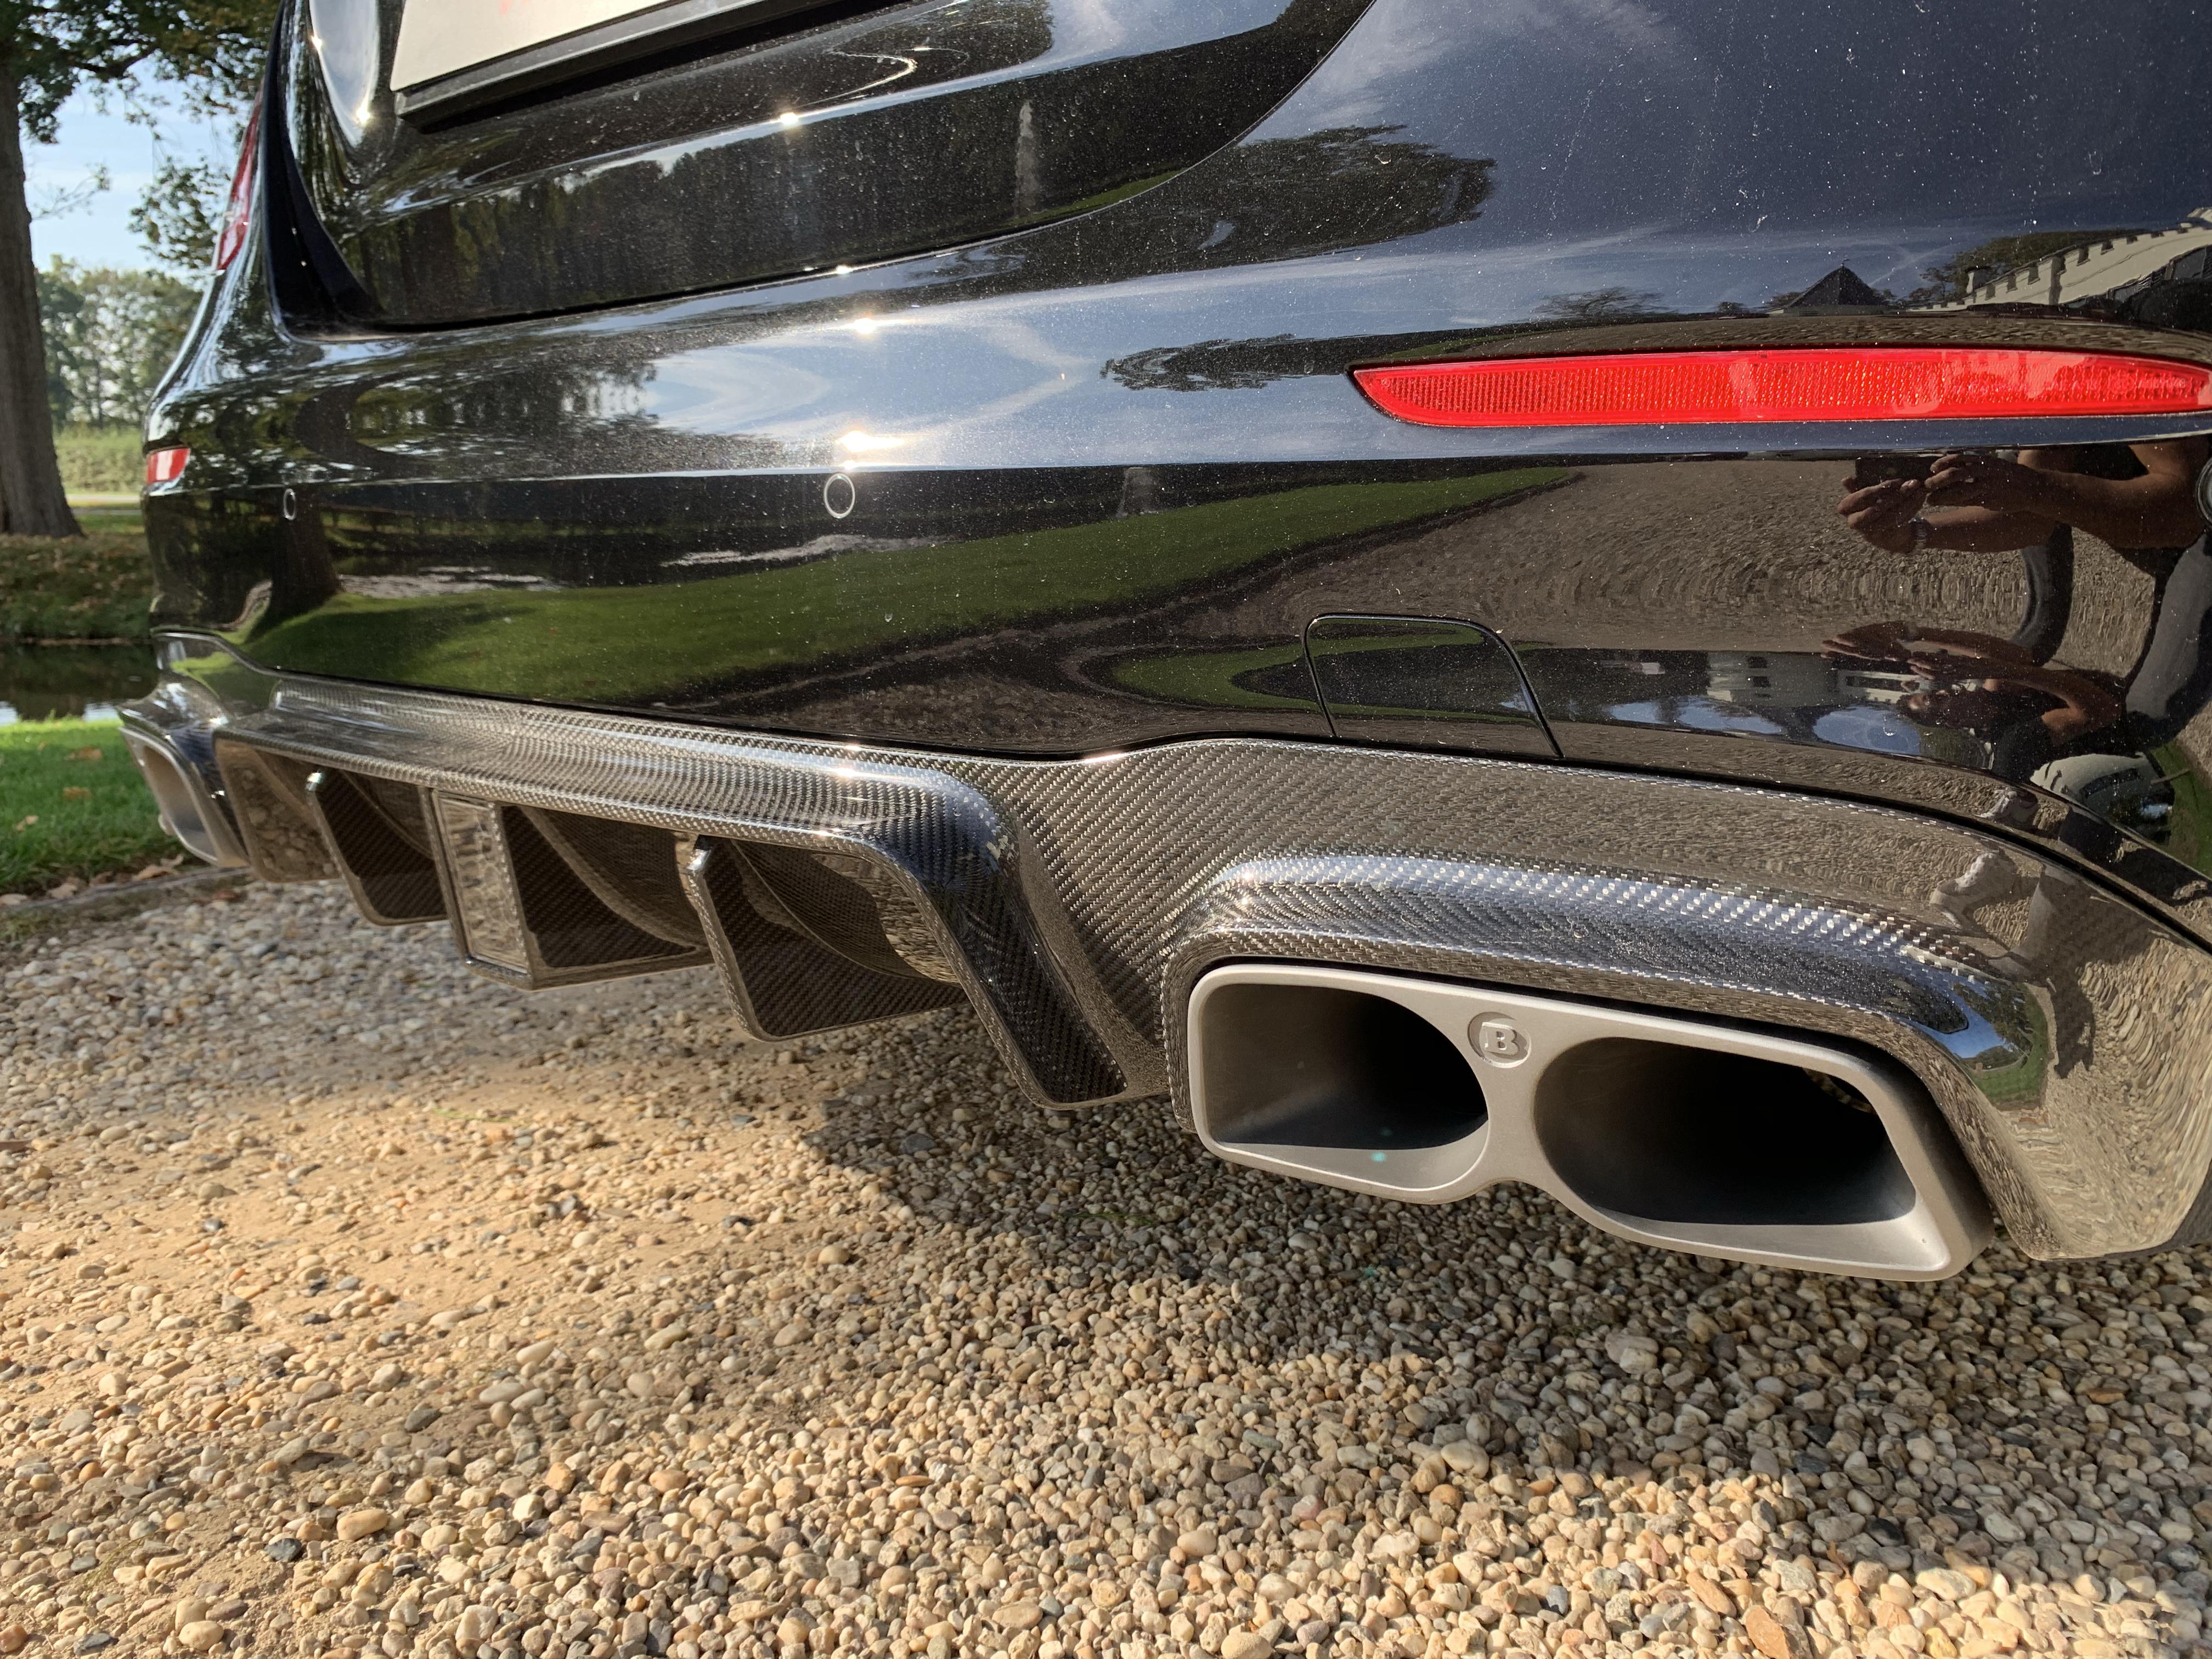 Mercedes-AMG E63 S BRABUS 700